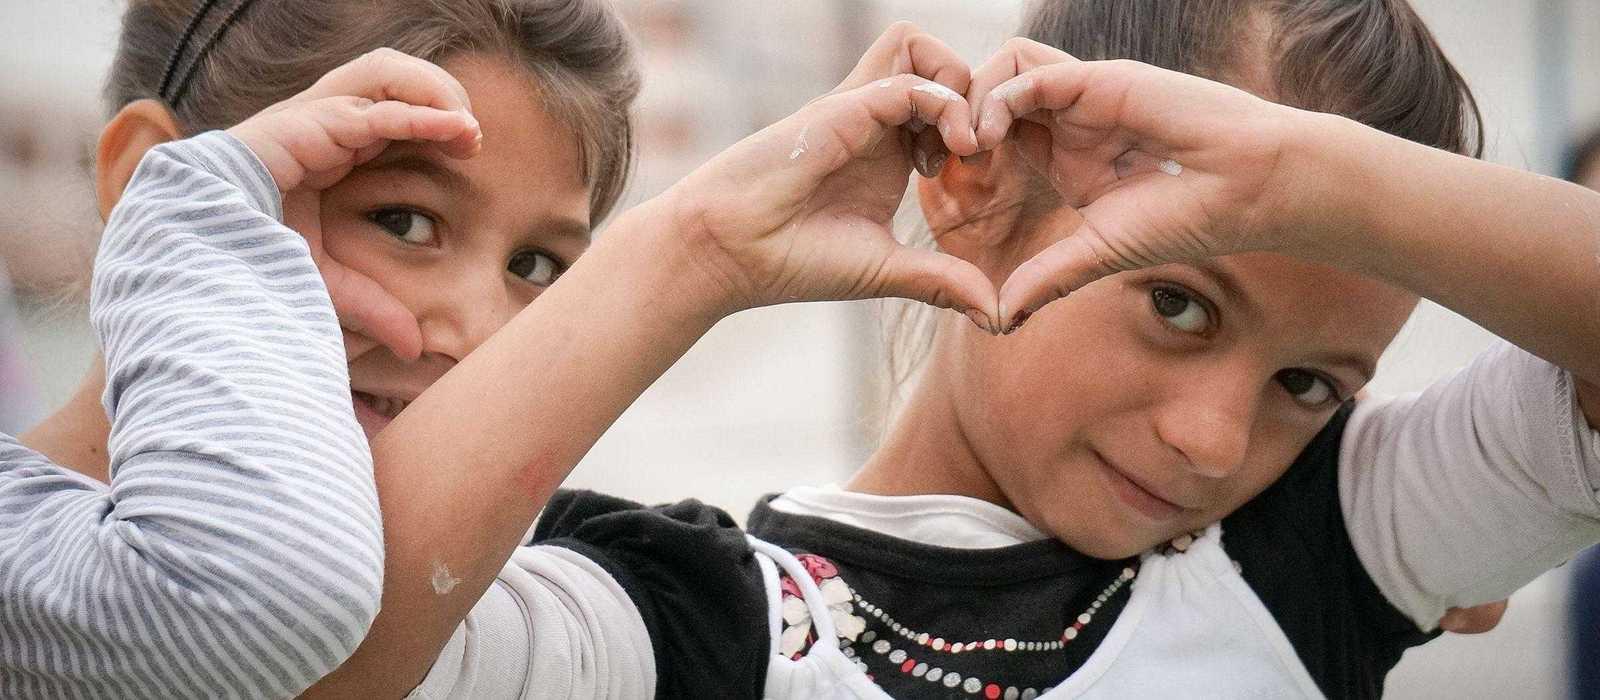 Zwei Mädchen. Eine zeigt ein Herz mit Händen.